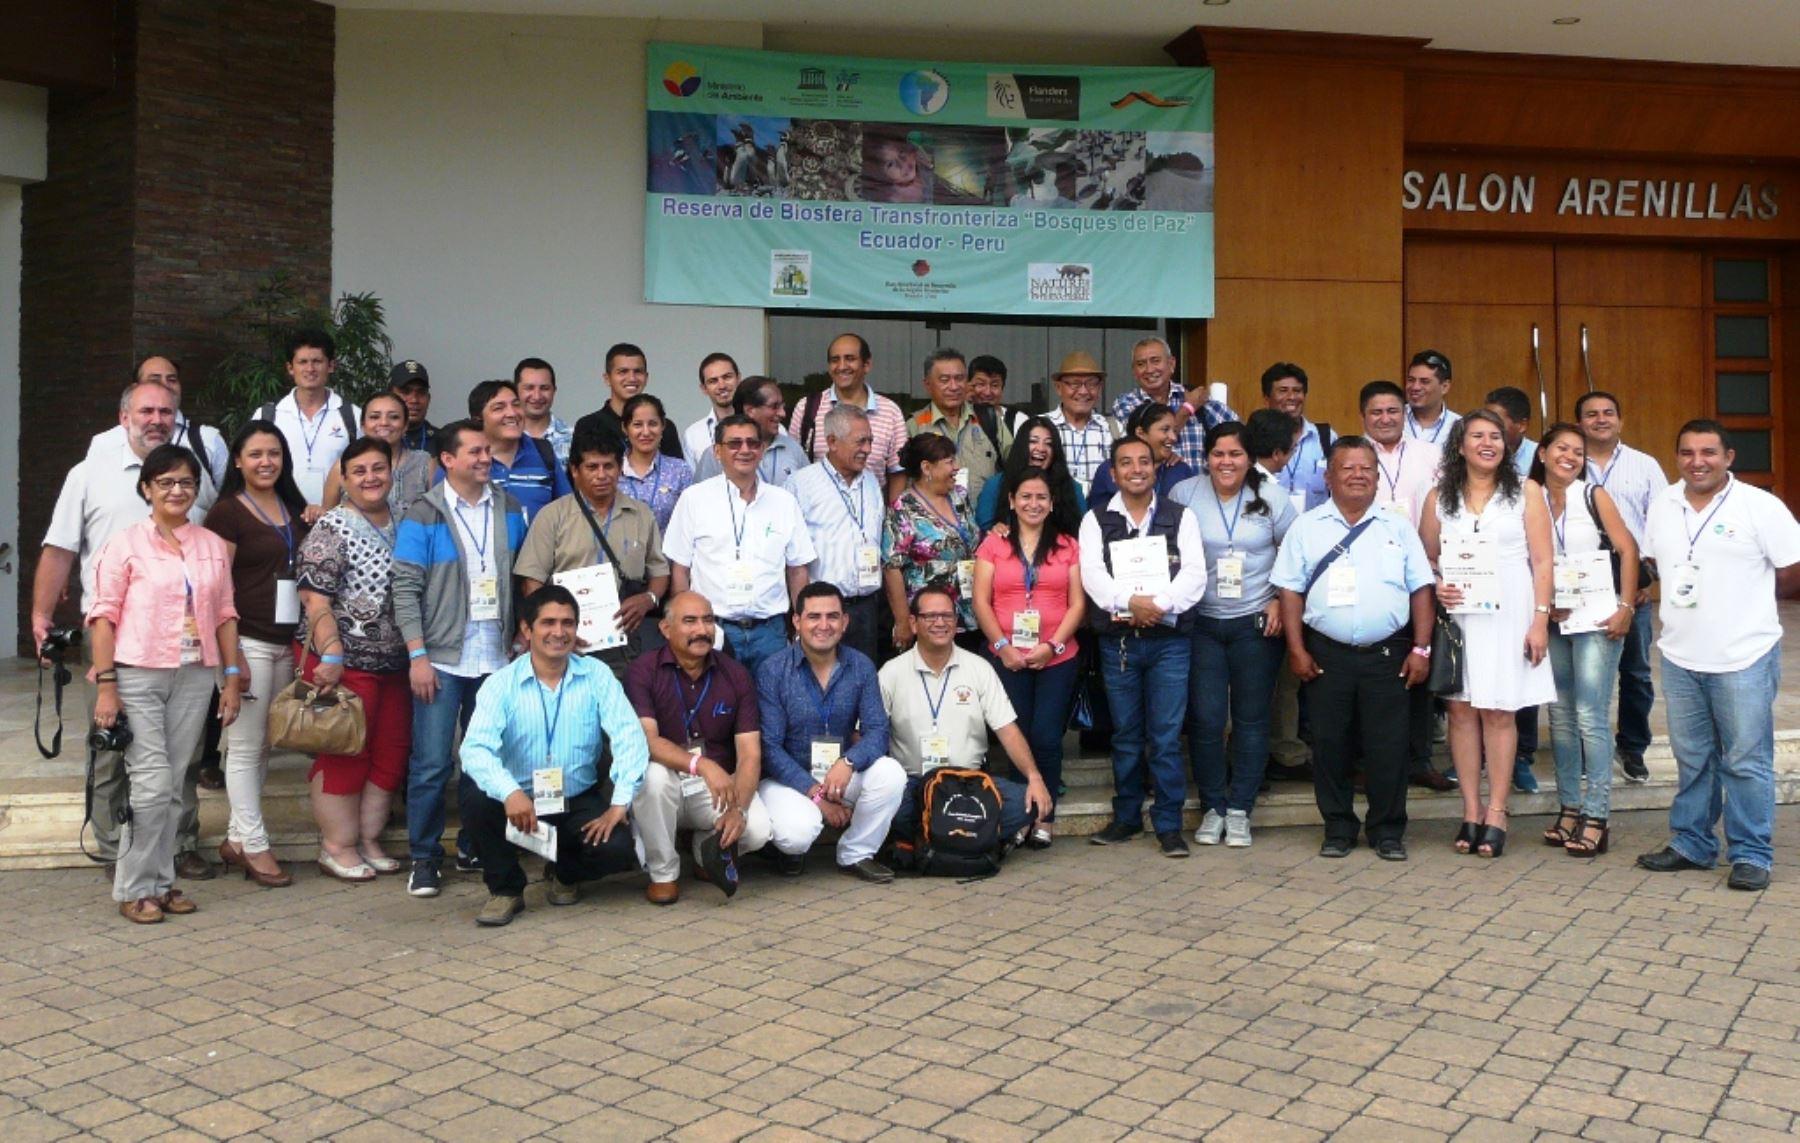 Autoridades y especialistas de Perú y Ecuador impulsan creación de Reserva de Biósfera Transfronteriza. ANDINA